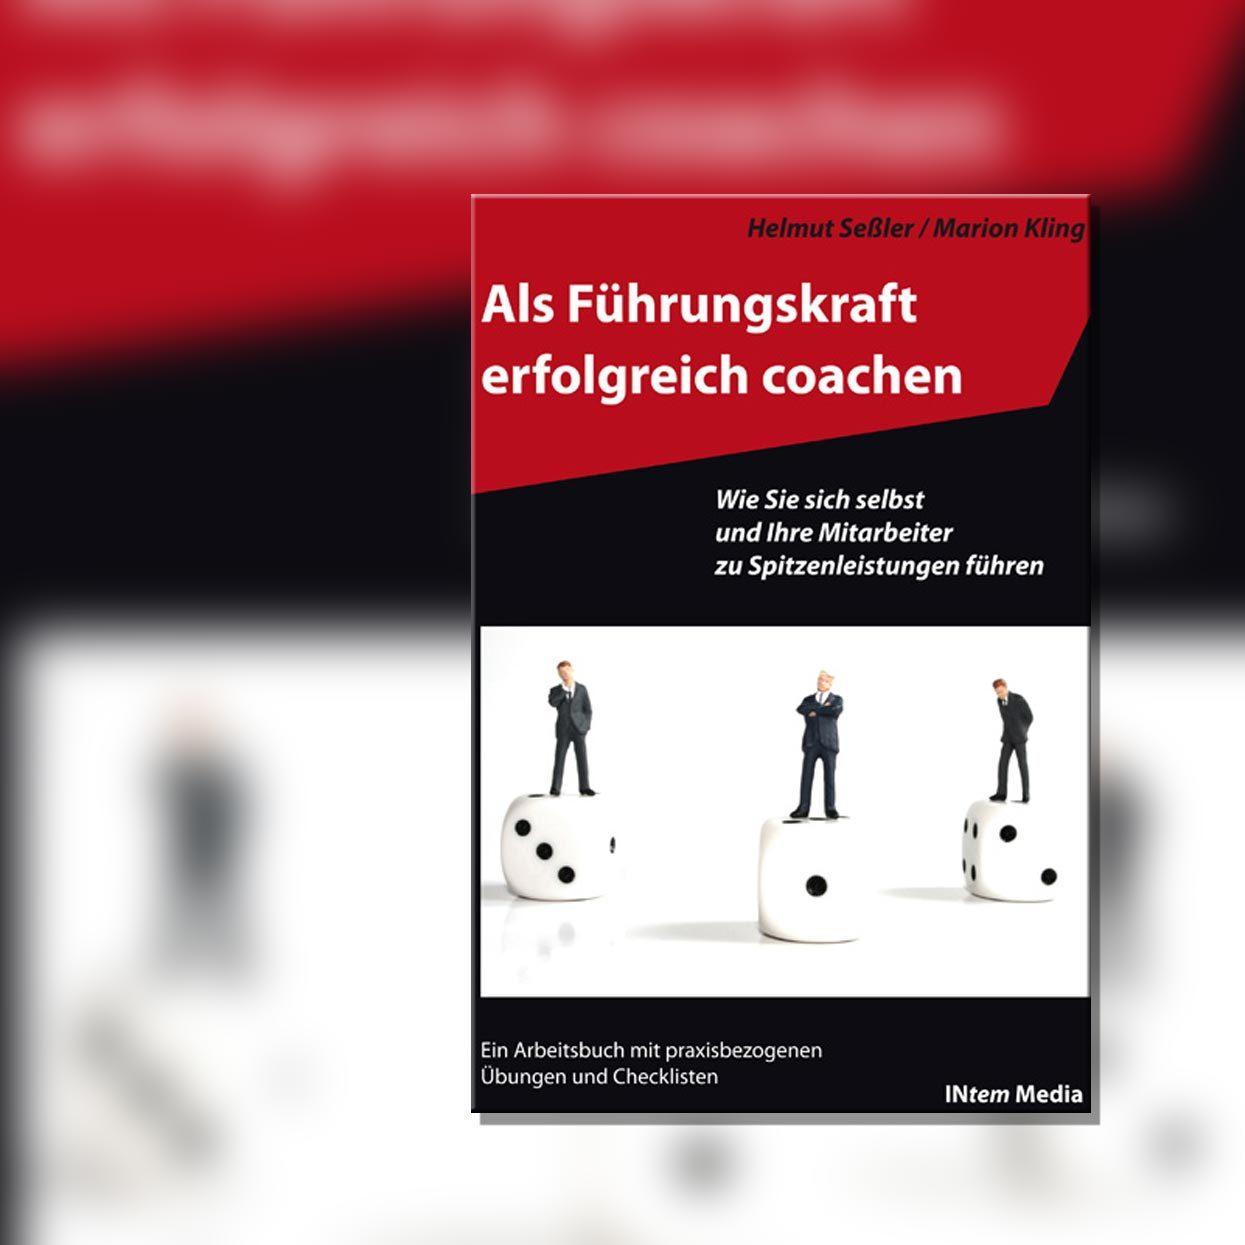 als_fuehrungskraft_erfolgreich_coachen_cover